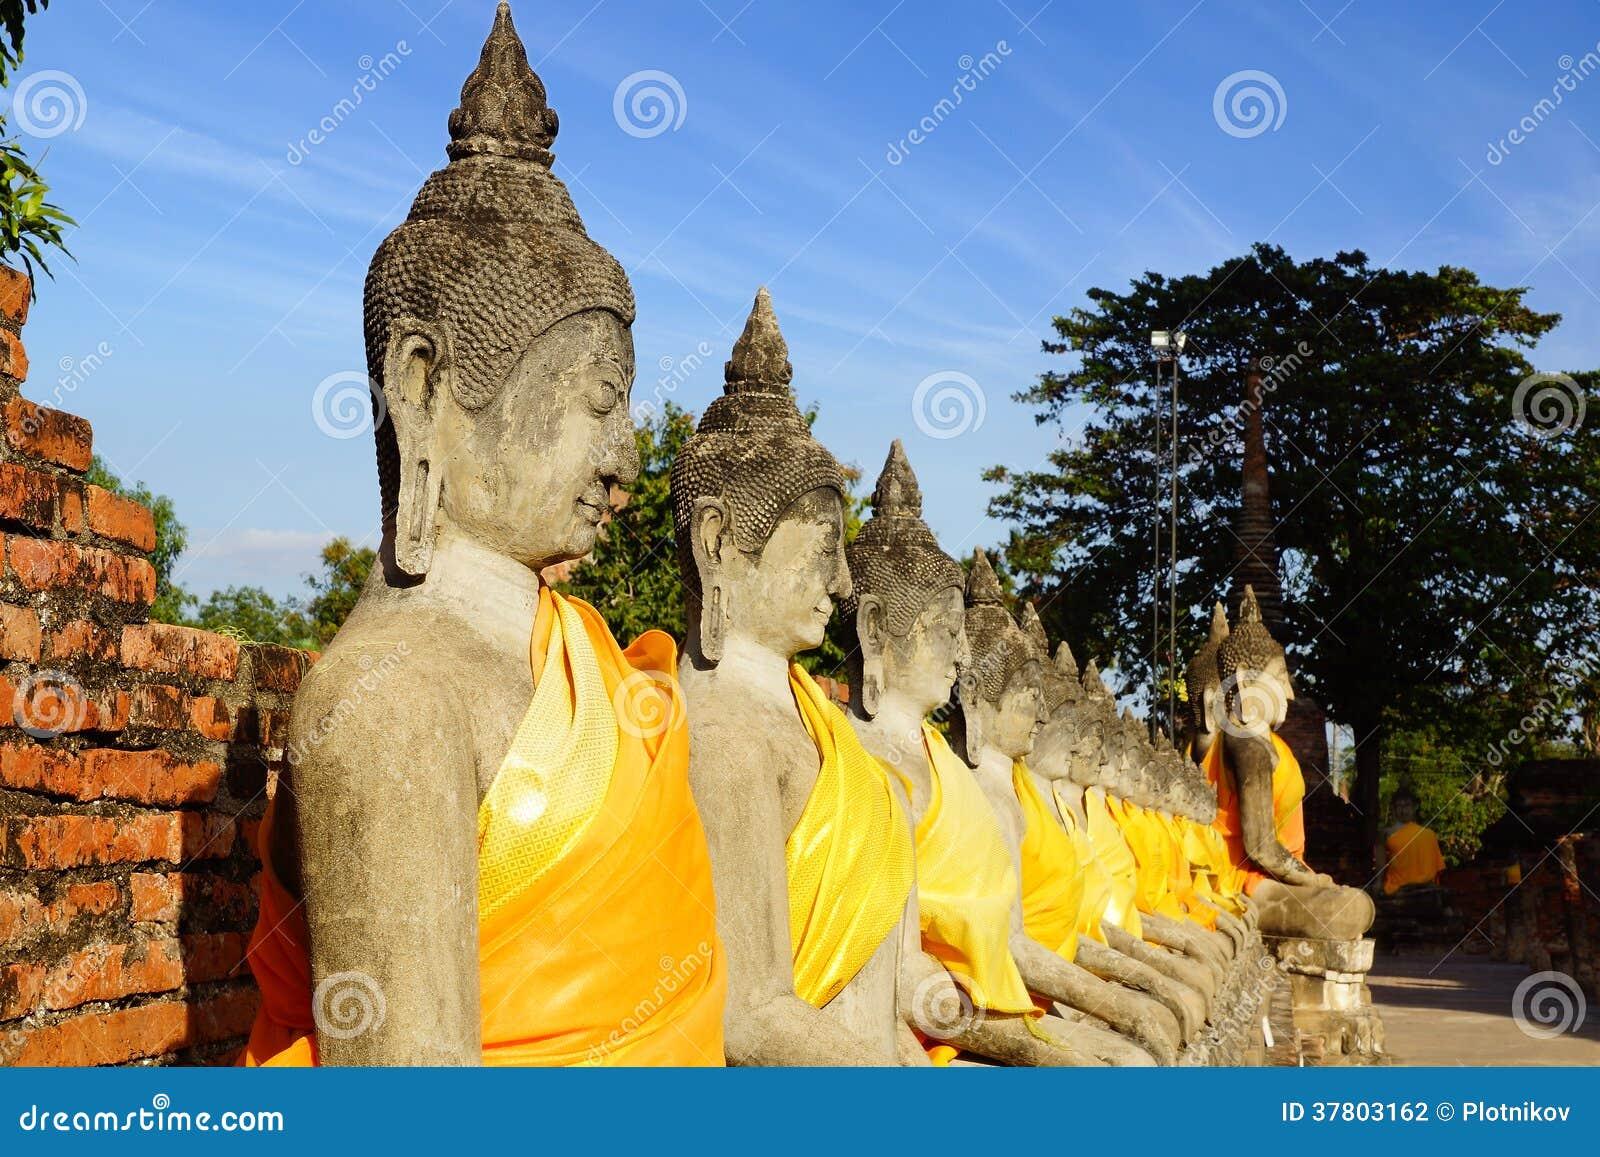 Wat柴Watthanaram寺庙。阿尤特拉利夫雷斯